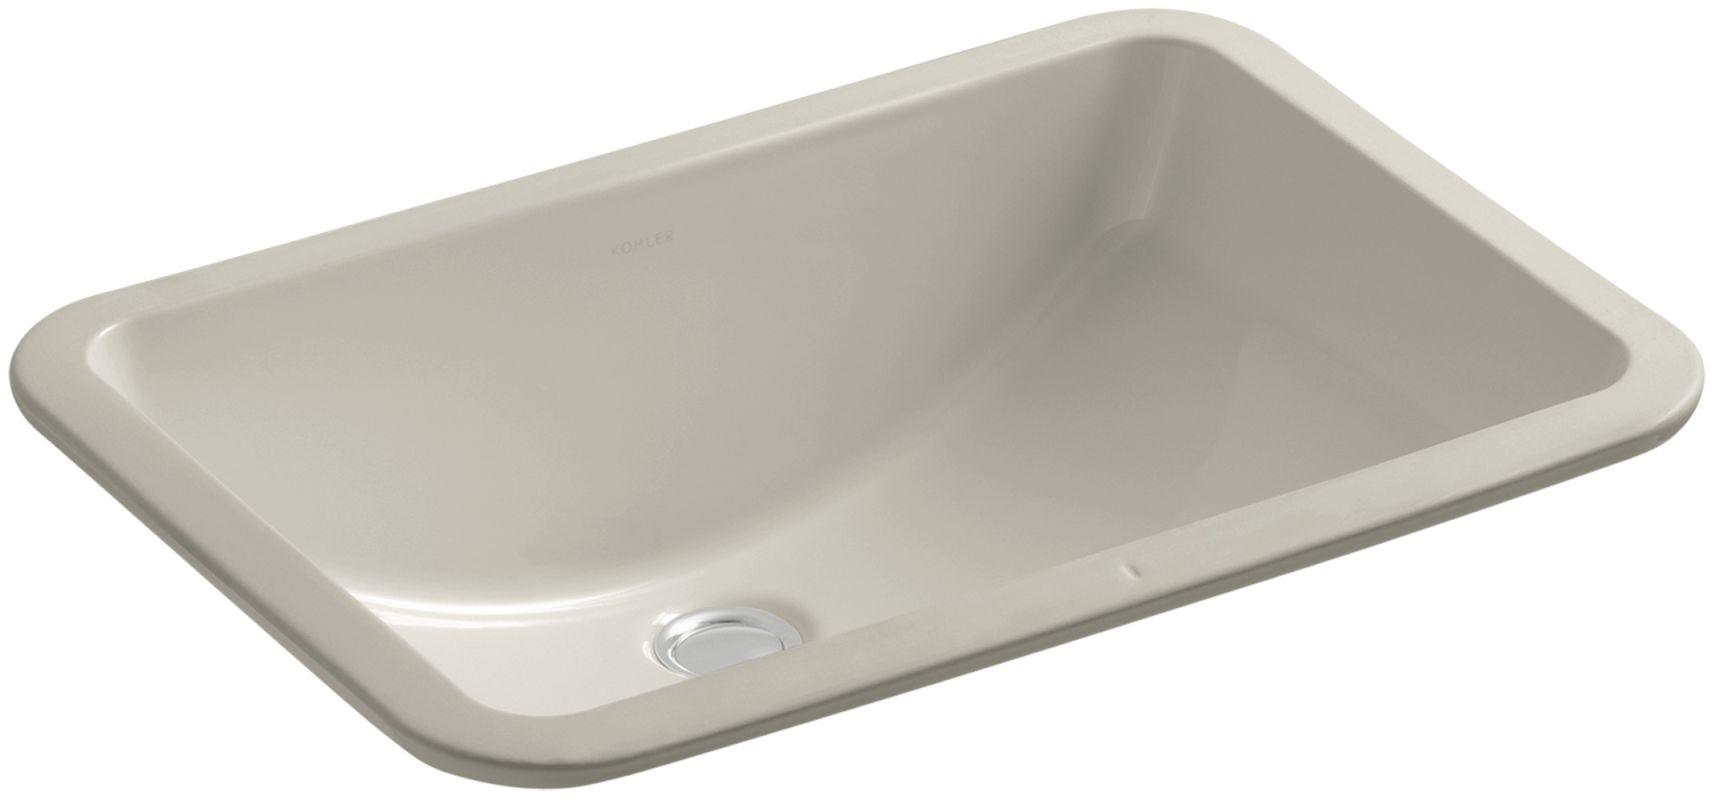 Kohler K 2214 0 Faucets Kitchen Faucets Bathroom Faucets